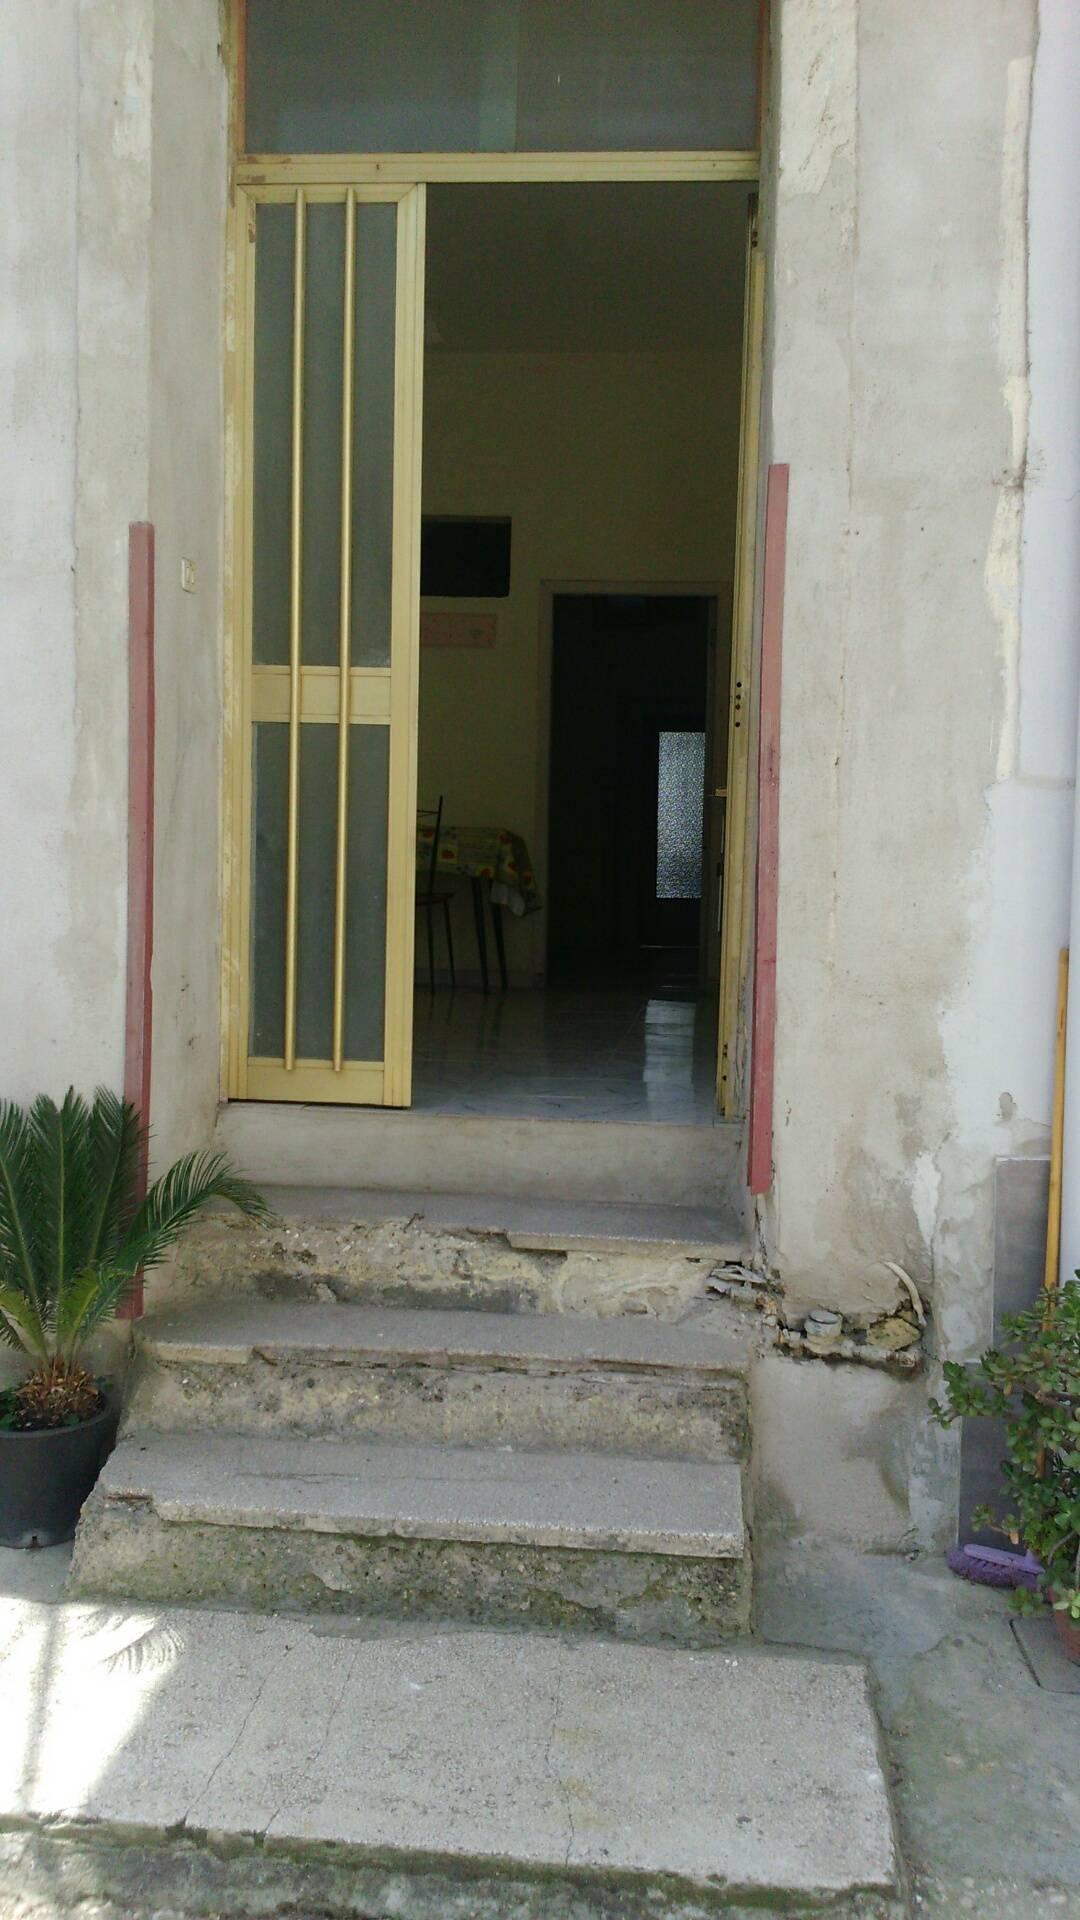 Appartamento in vendita a Mariglianella, 2 locali, prezzo € 80.000 | CambioCasa.it